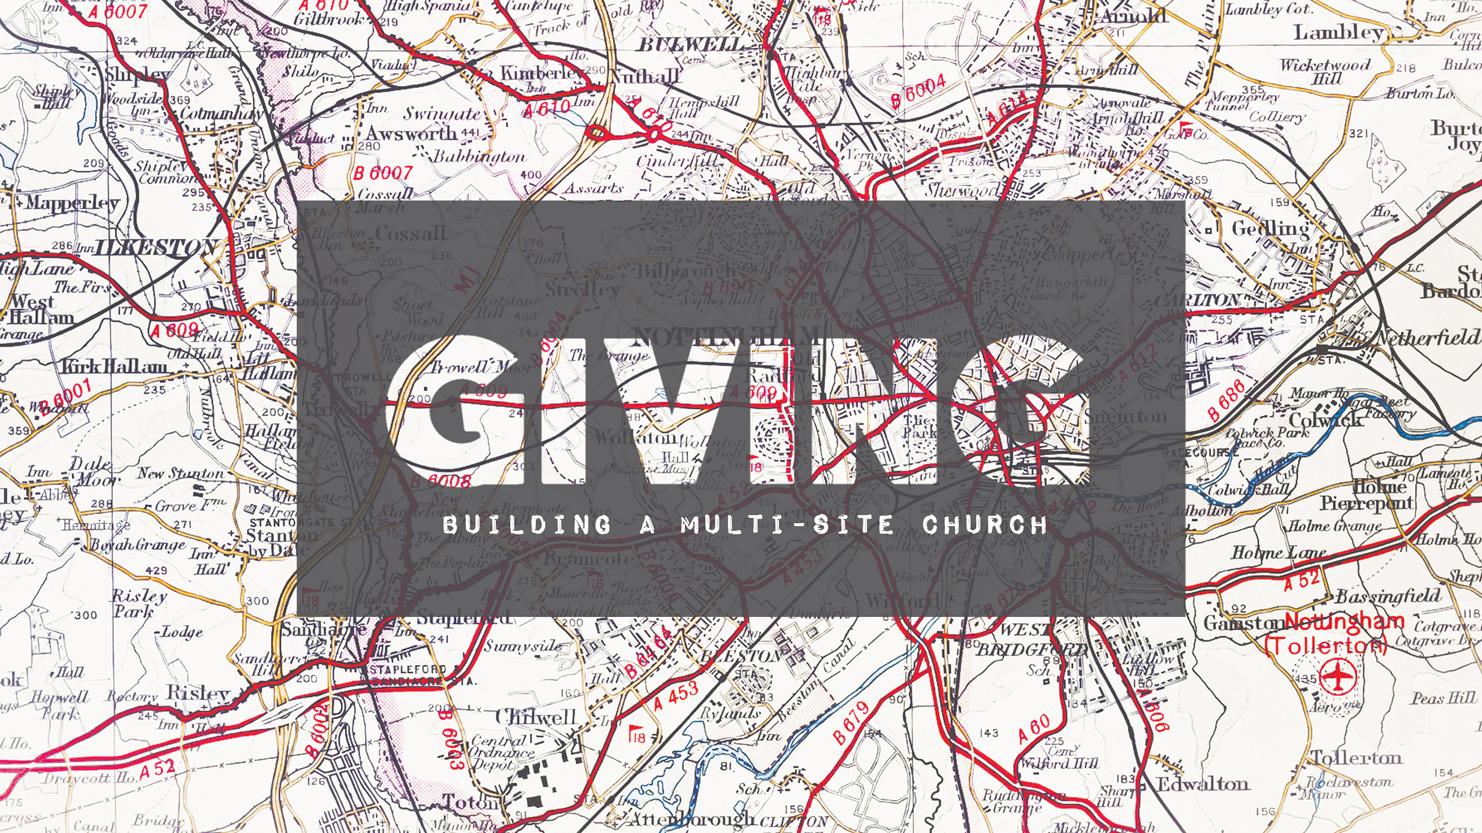 Giving-Multisite-2014-ppt.jpg